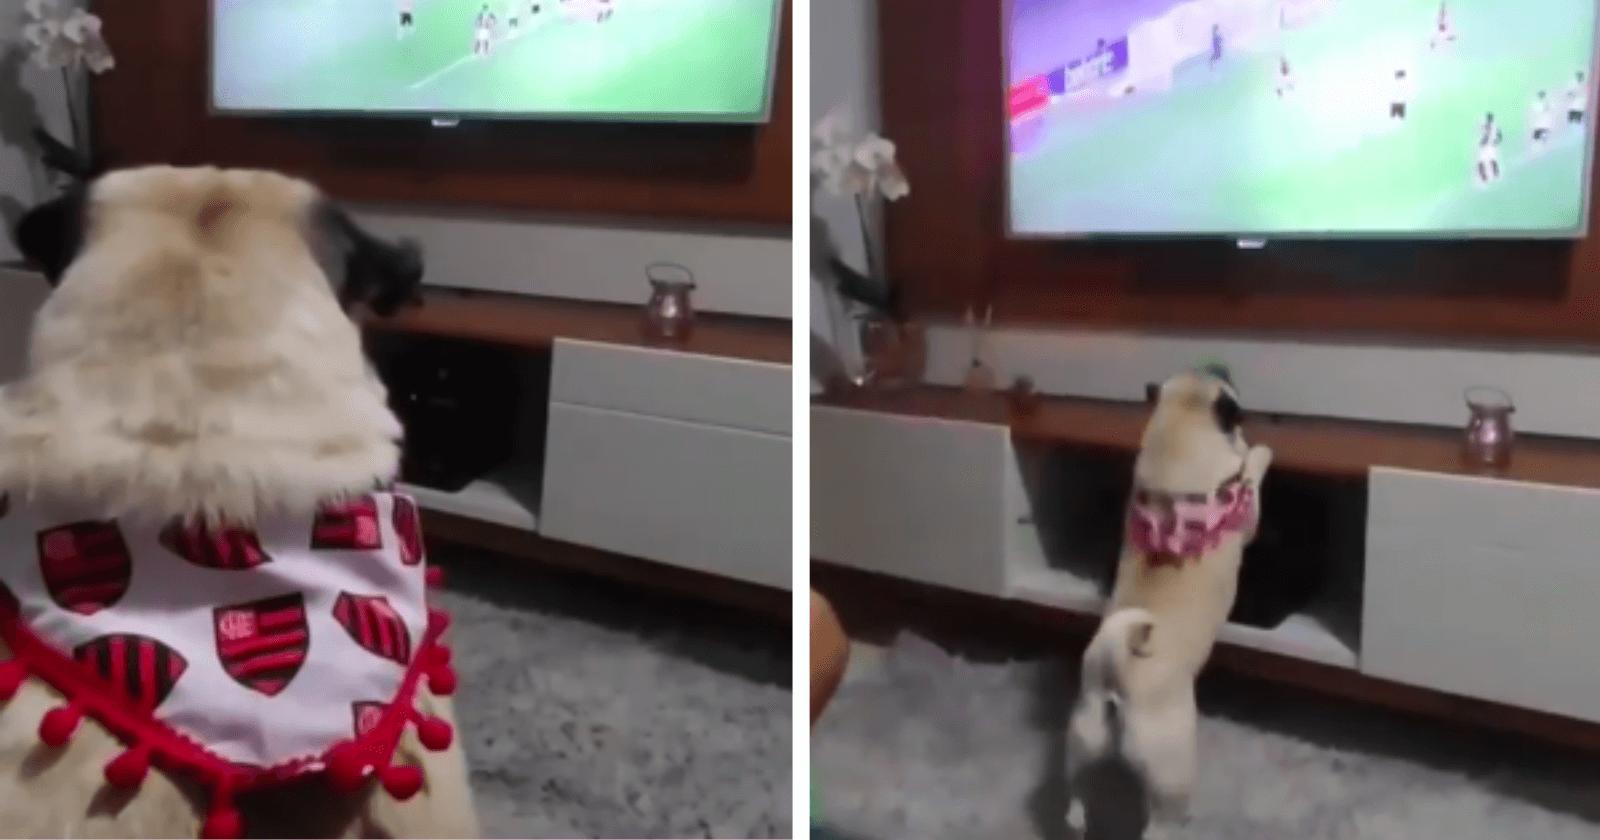 Doguinho se torna queridinho da torcida, depois de comemorar GOL do Flamengo